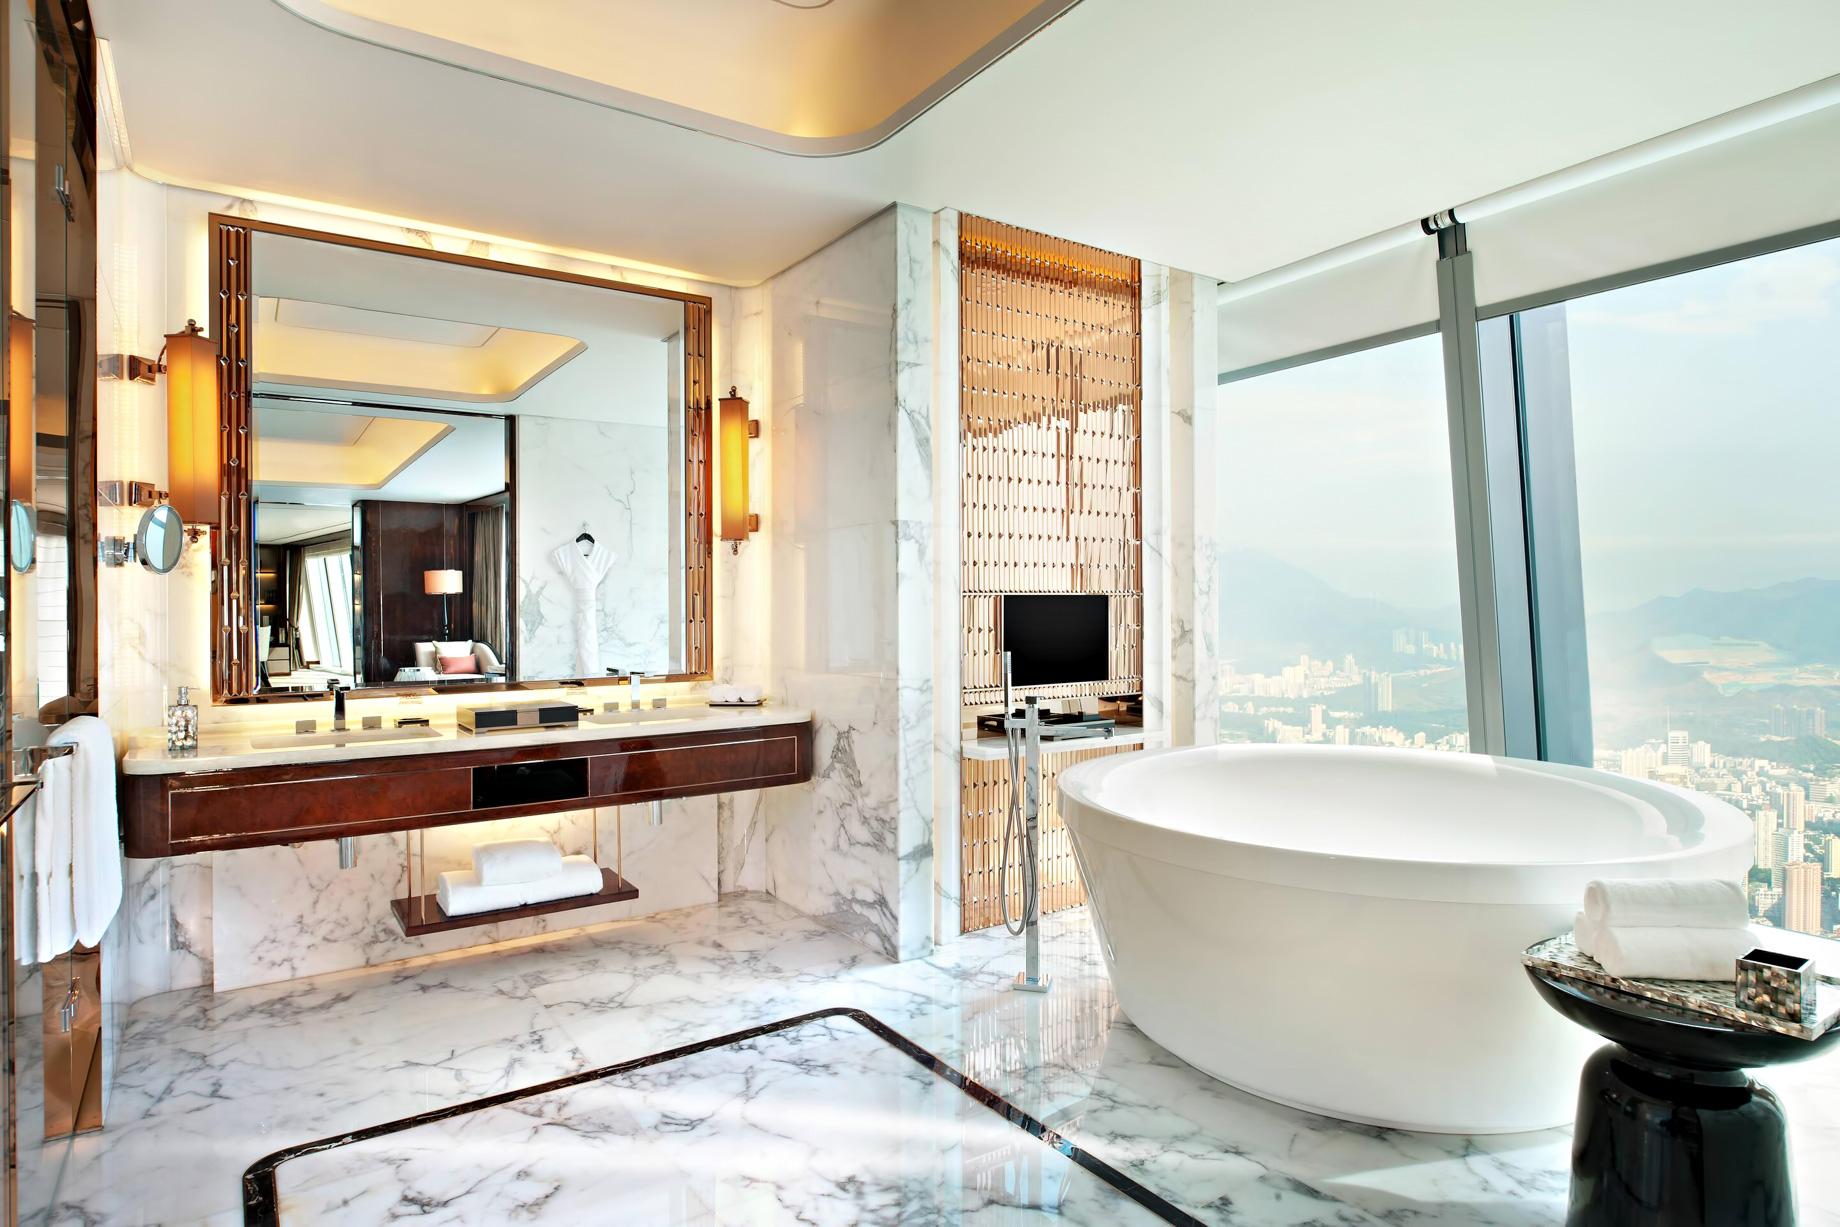 The St. Regis Shenzhen Luxury Hotel - Shenzhen, China - Presidential Suite Bathroom